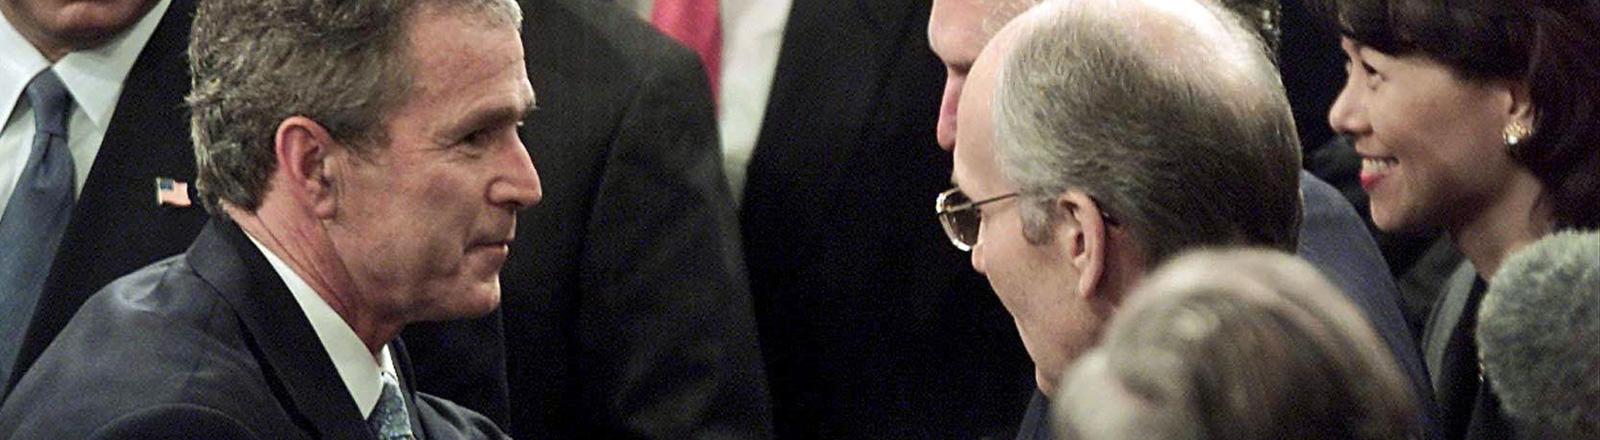 George W. Bush nach seiner Rede zur Lage der Nation am 29.01.2002. Er ist umgeben von Mitgliedern des Kabinetts; Bild: dpa